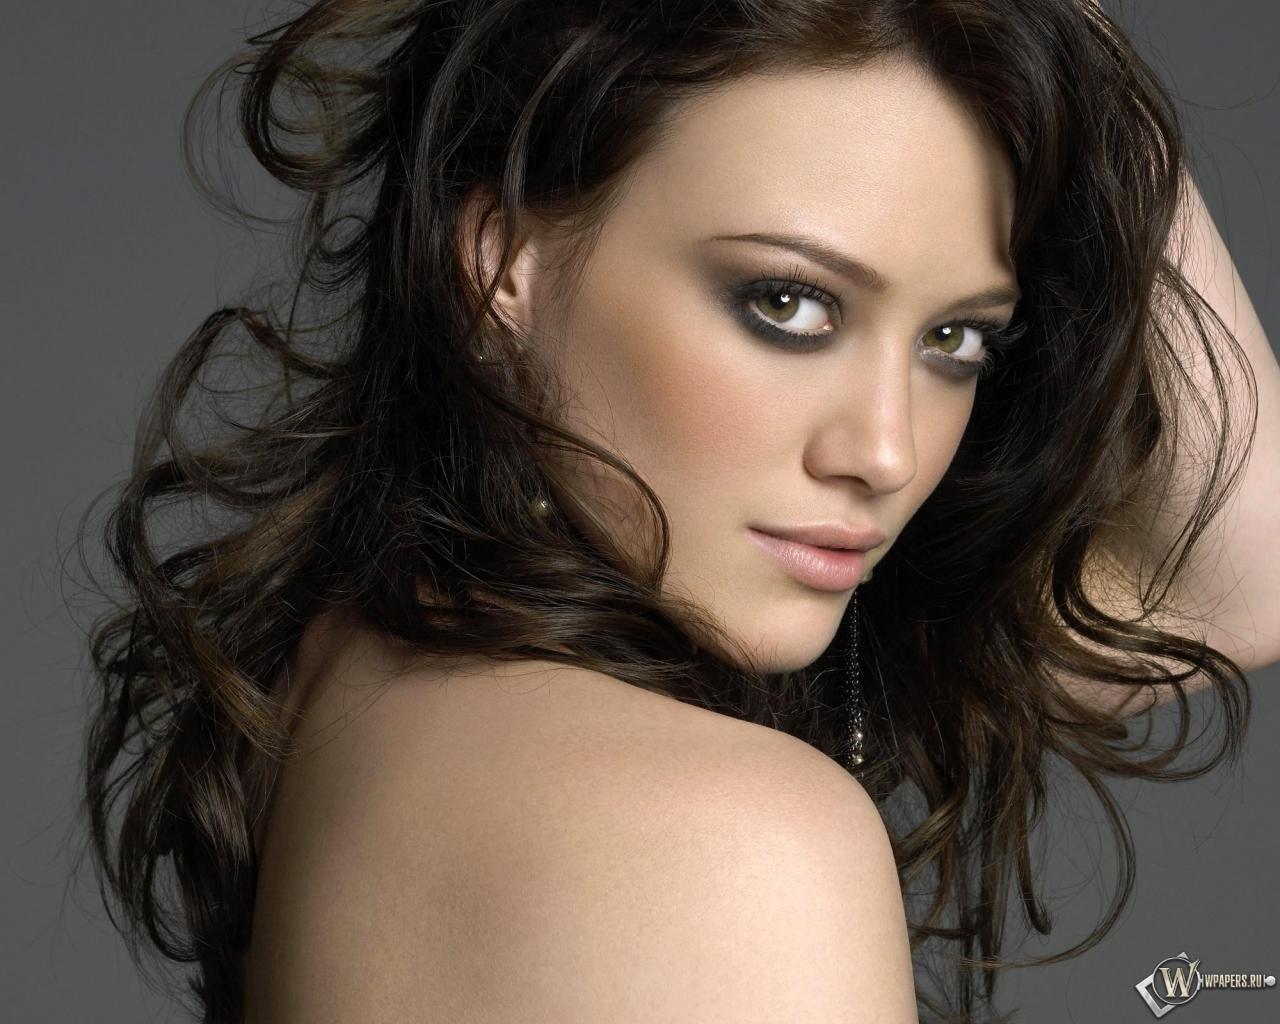 Hilary Duff 1280x1024